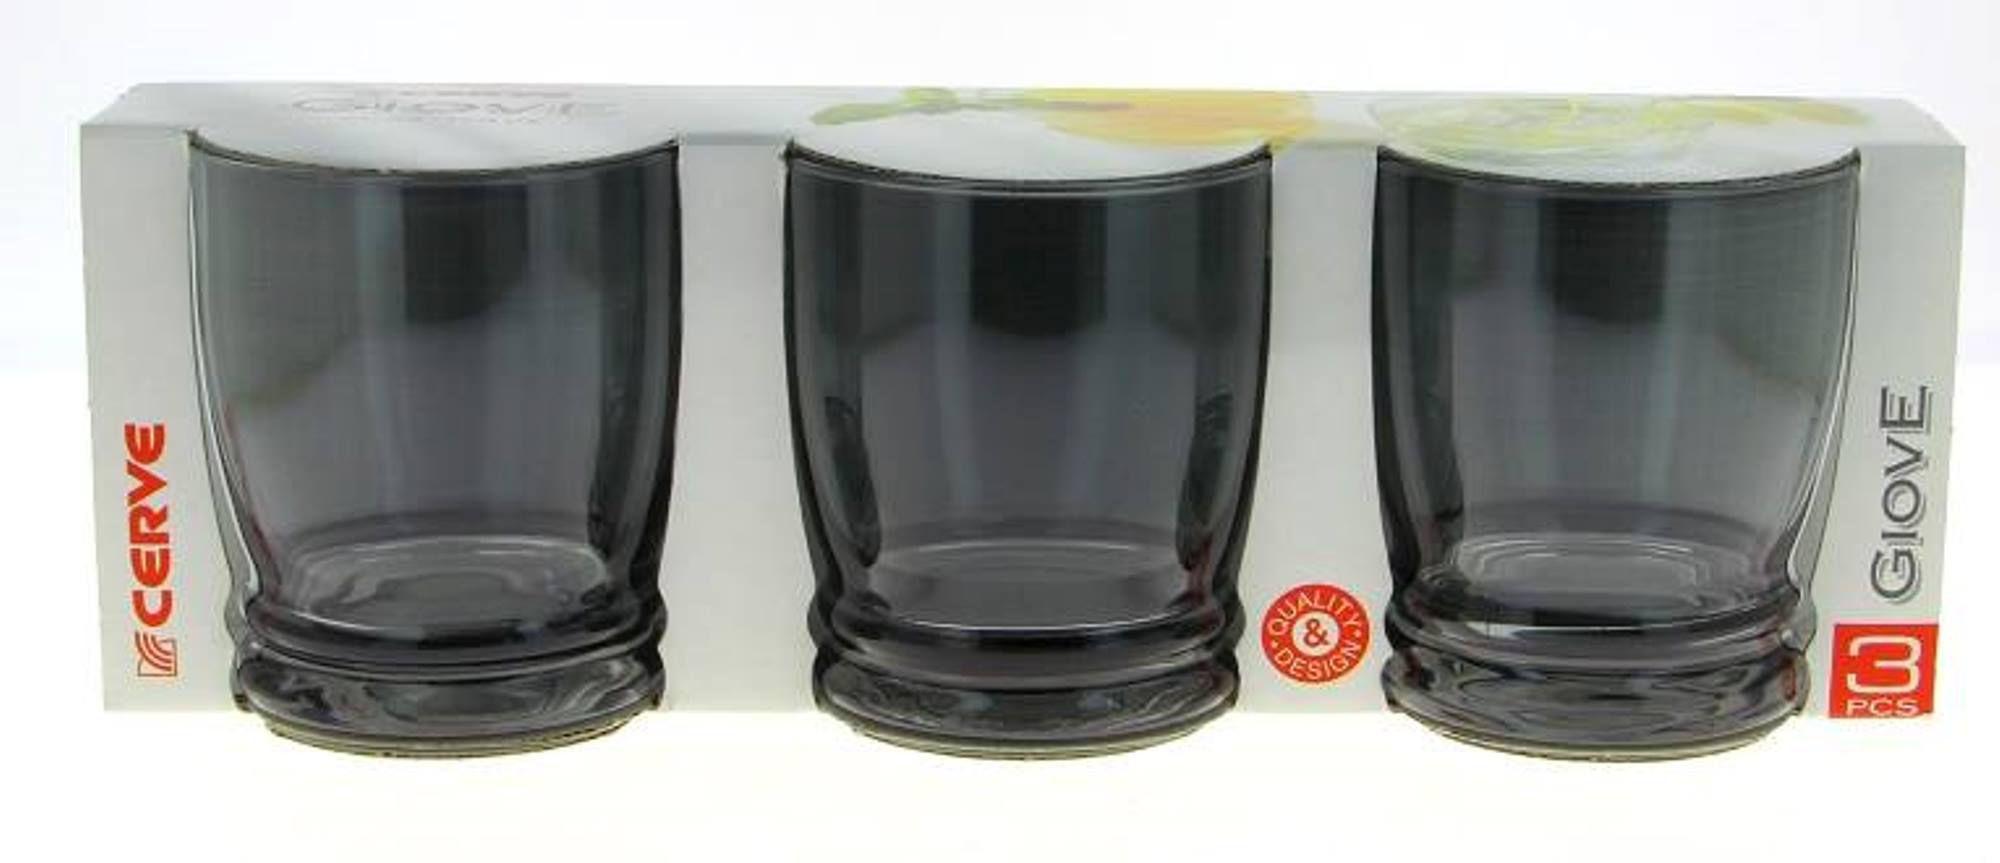 Cerve Glassware